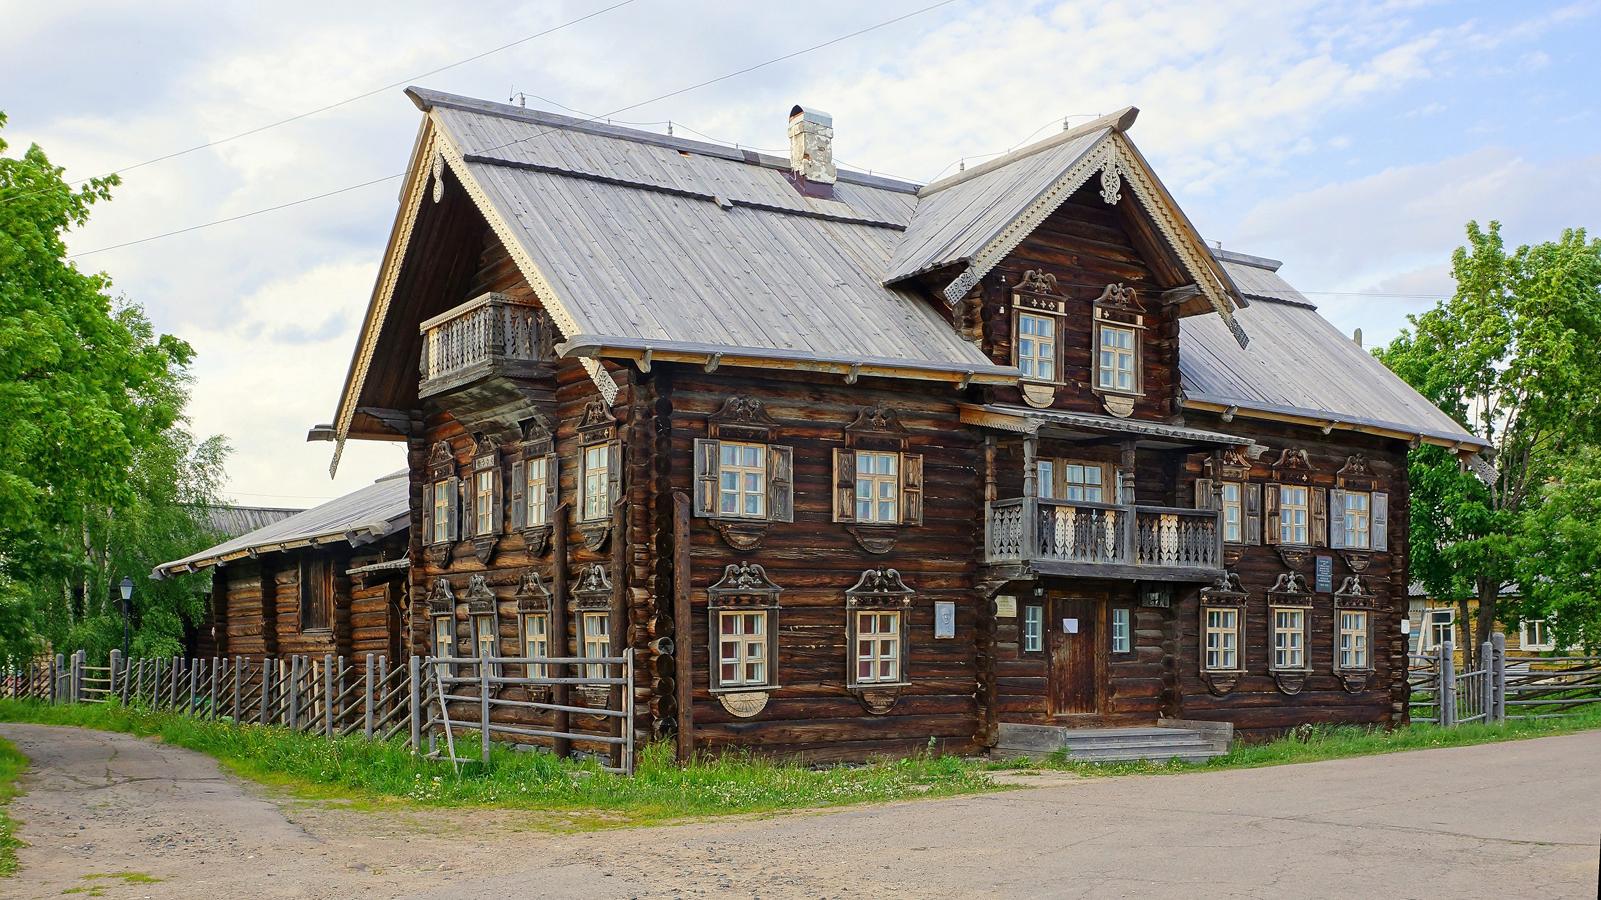 June 2018. Vepsian ethnographic museum